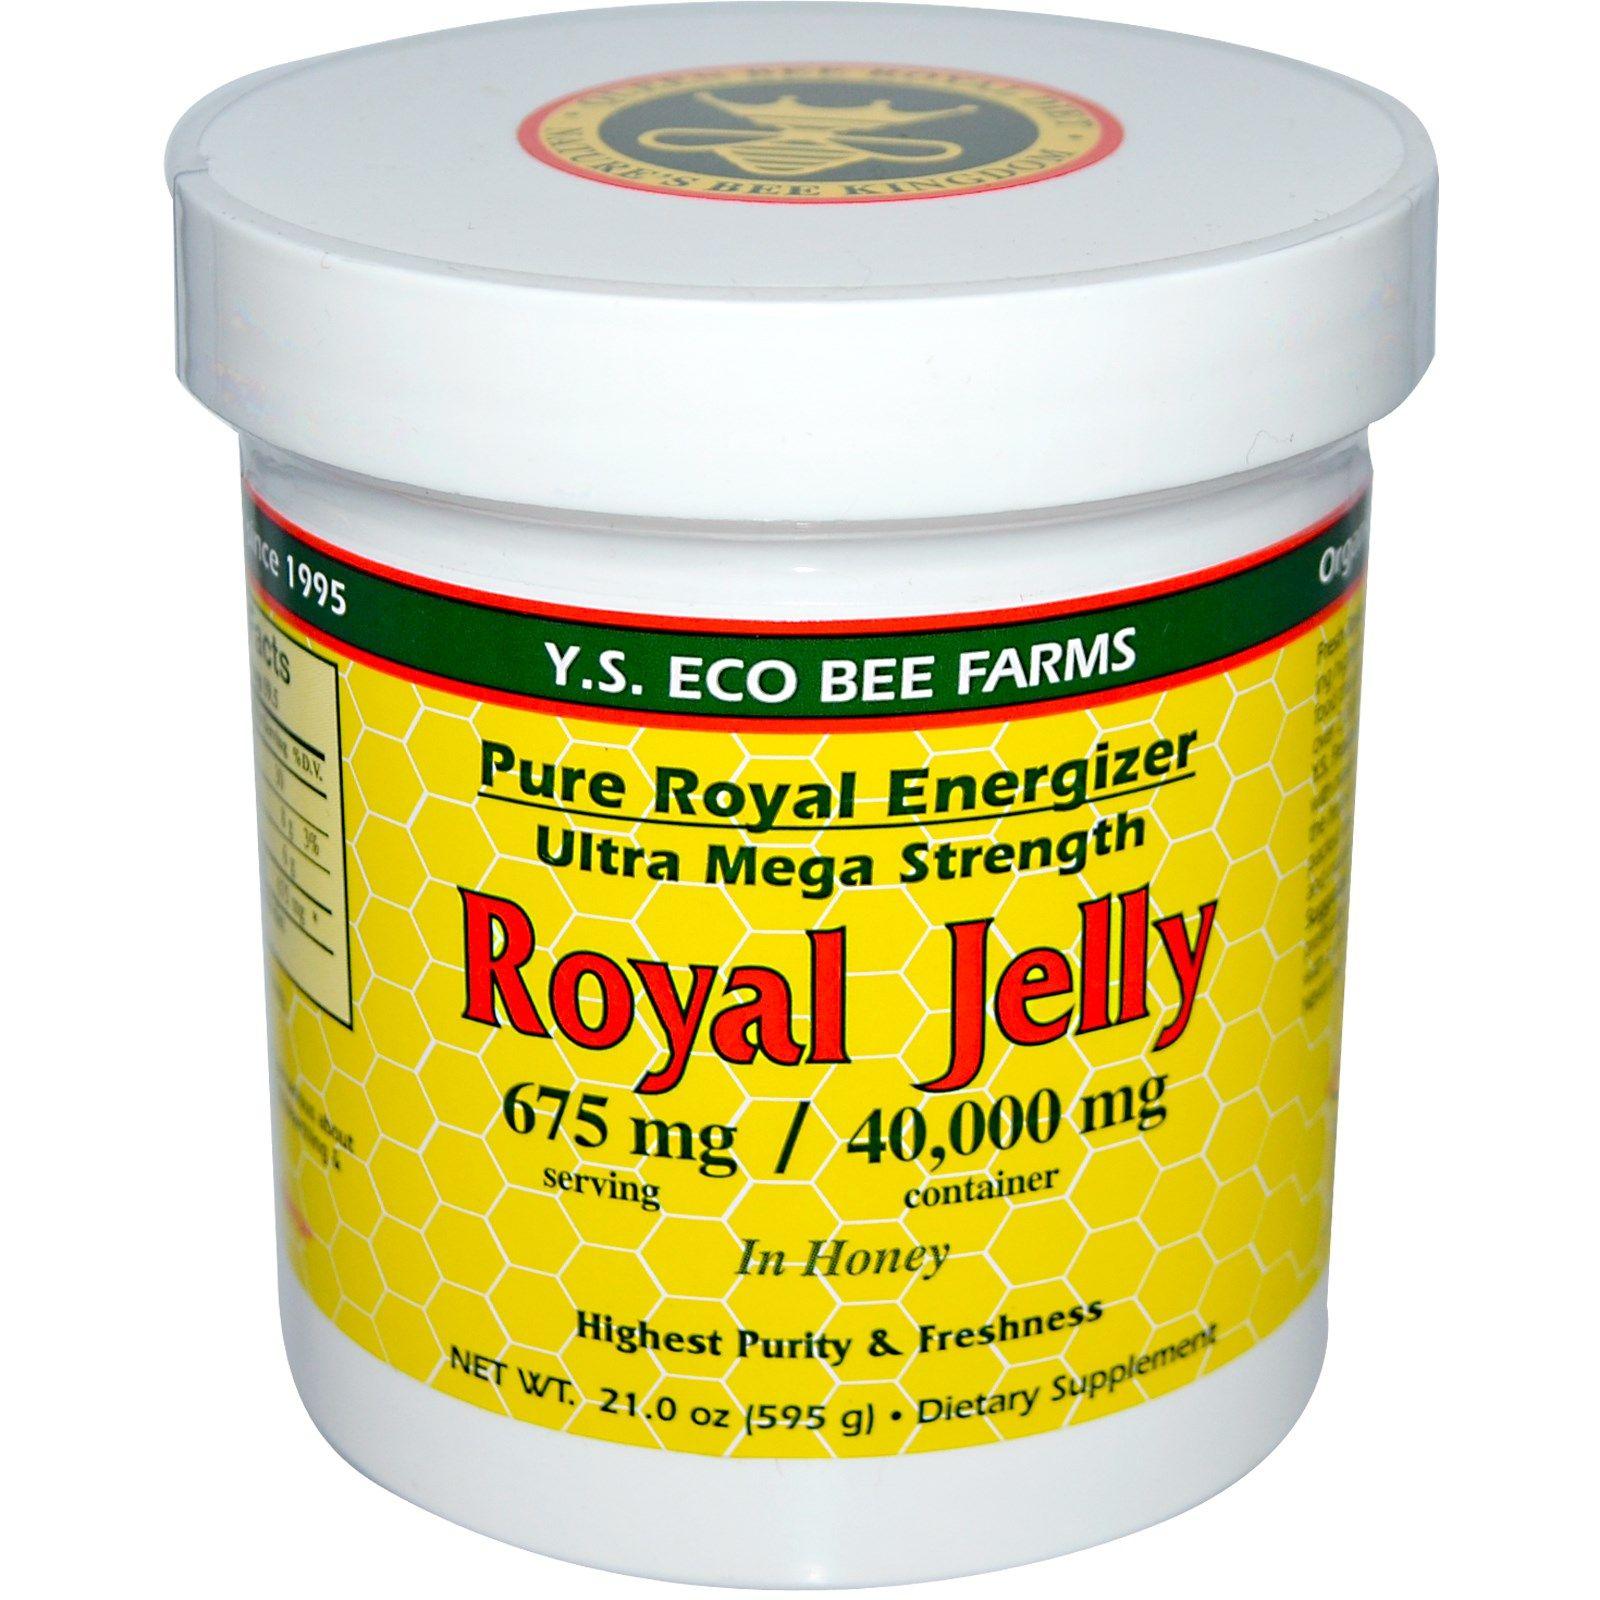 منتجات العسل العضوي وعسل مانوكا غذاء ملكات النحل في موقع آي هيرب لمرضى السكر Royal Jelly Coconut Health Benefits Bee Farm